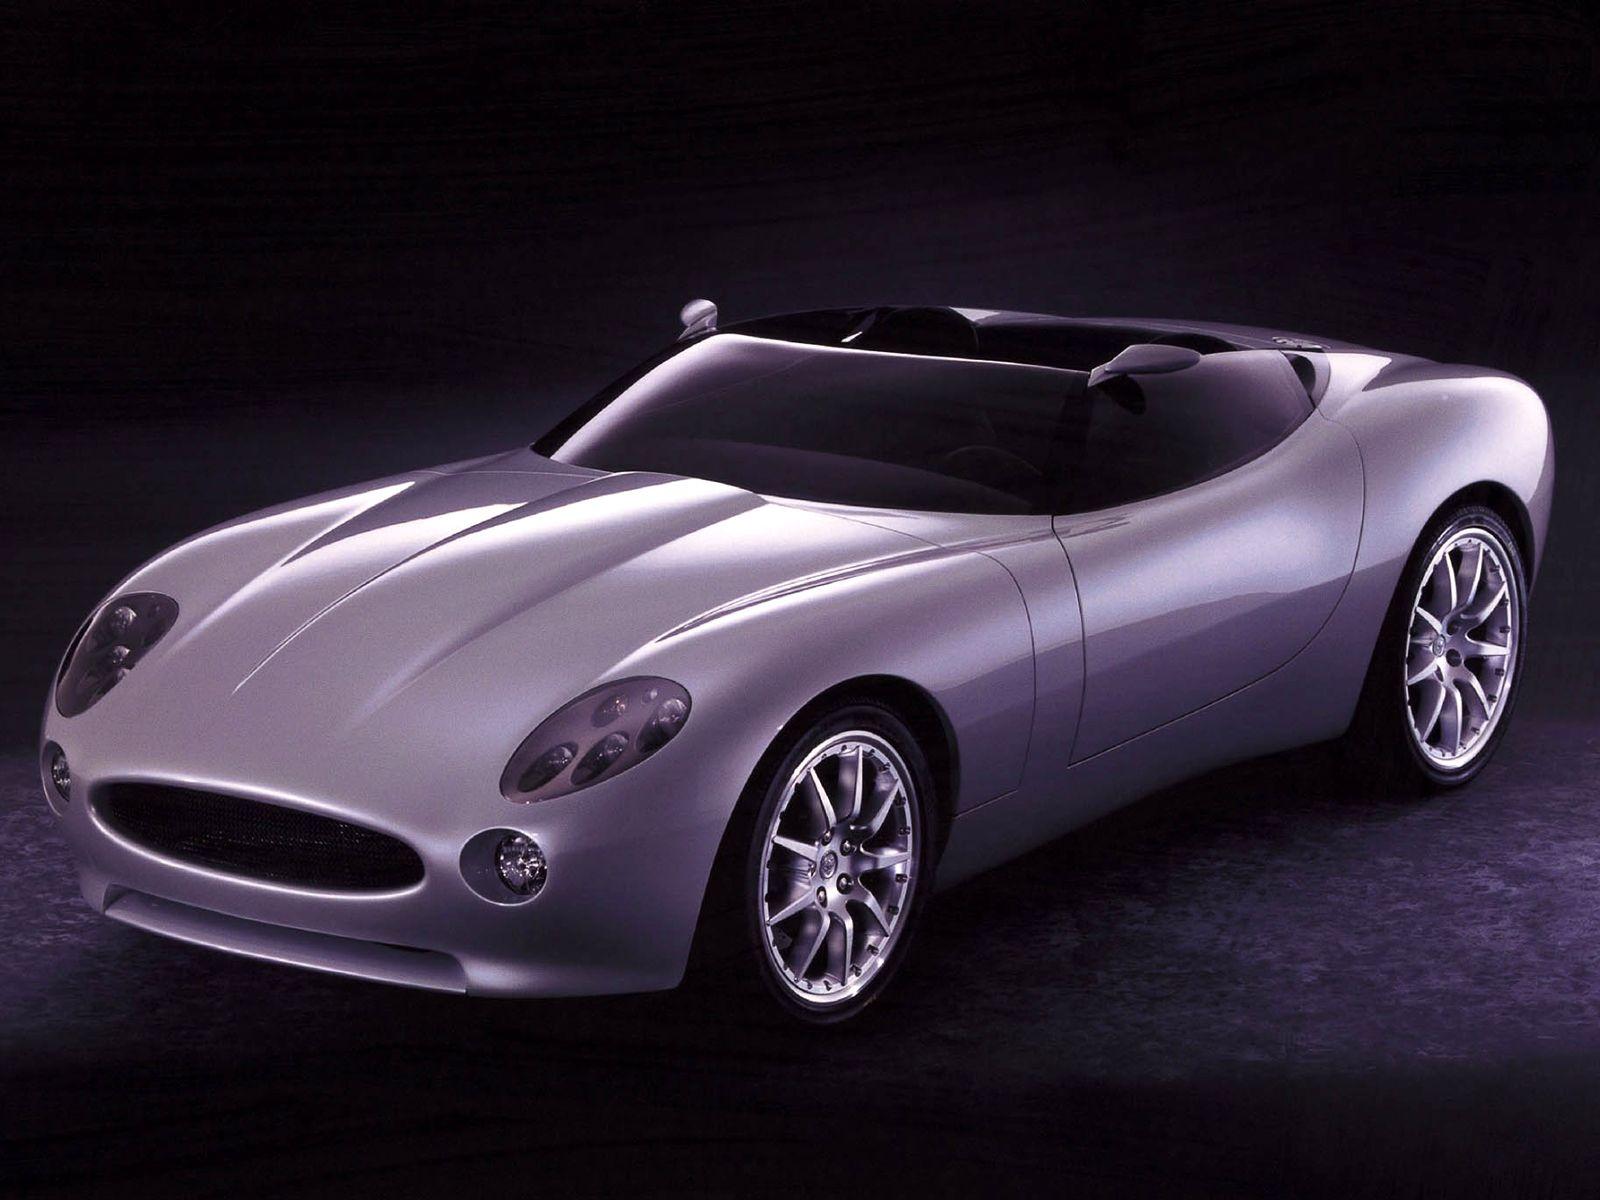 Jaguar F-Type Concept (2000) - Old Concept Cars